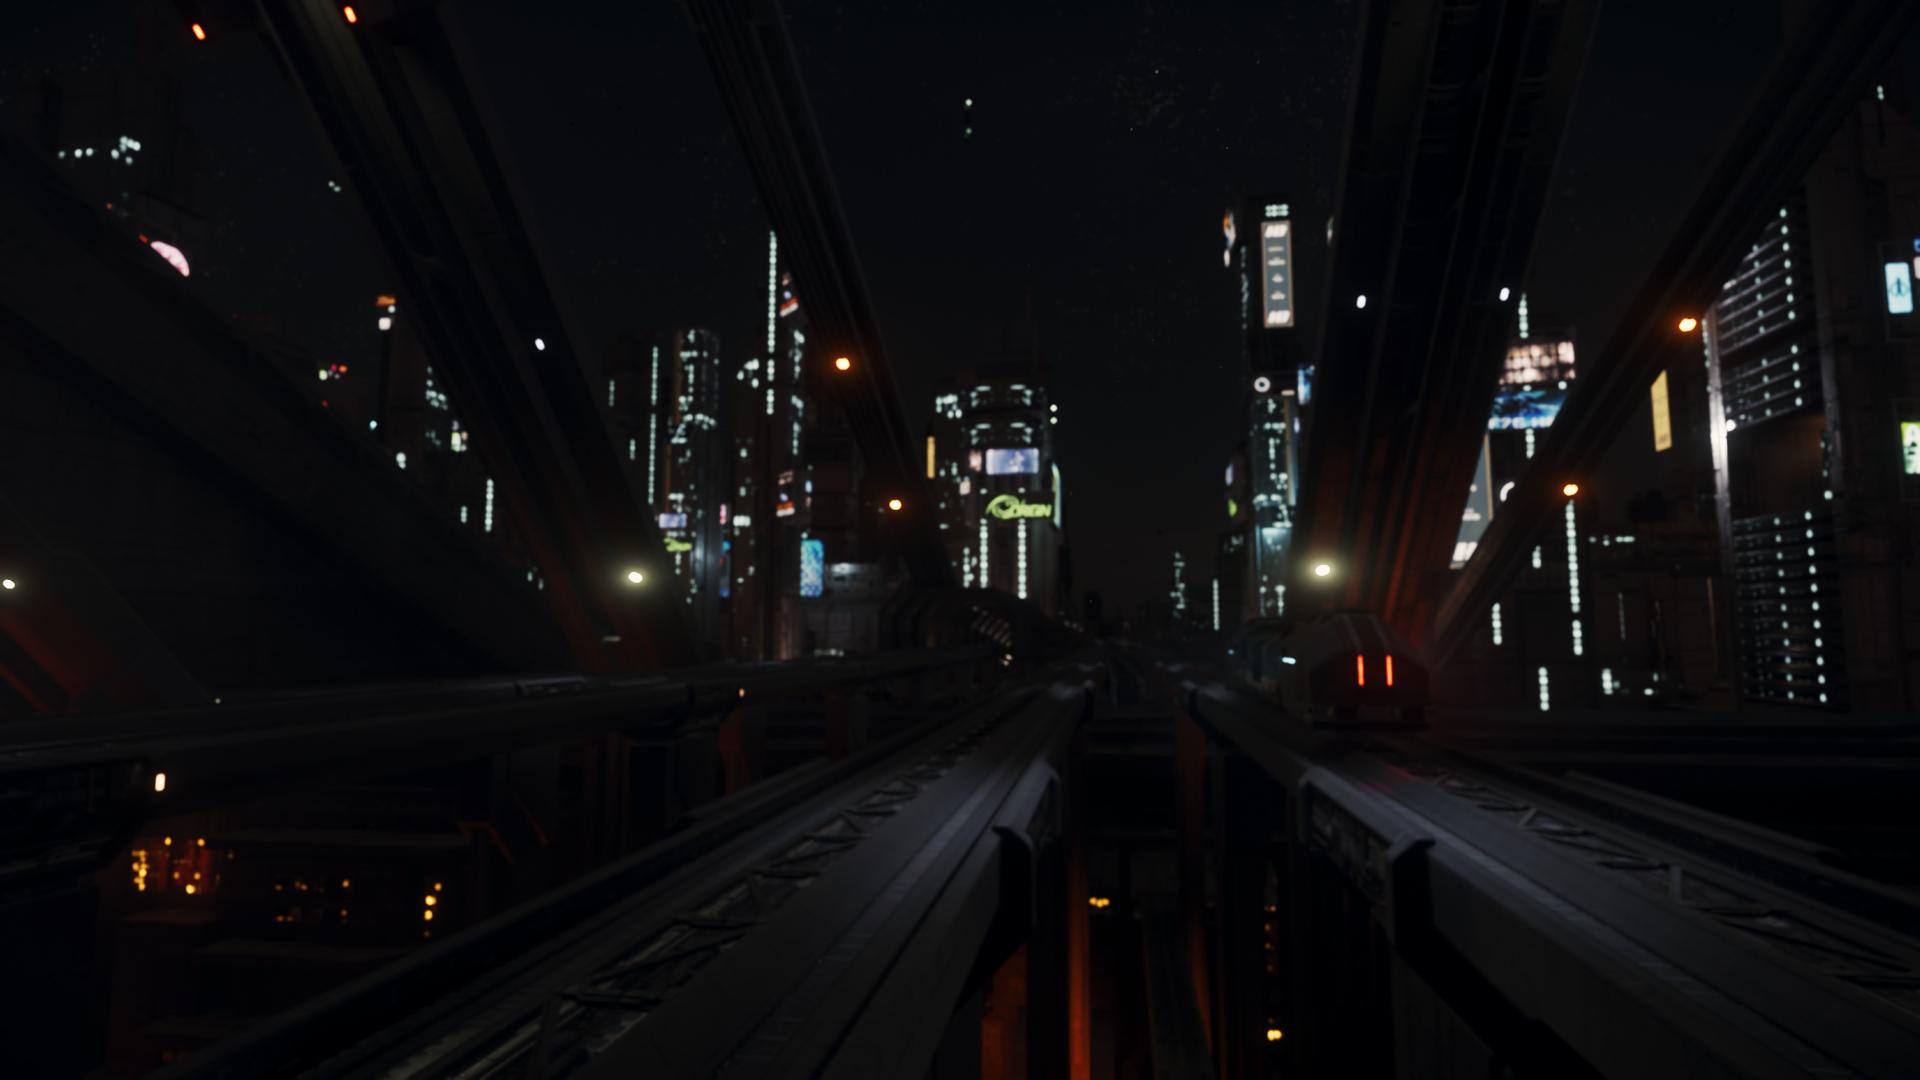 大作《星际公民》3.4版新截图 未来世界让人向往